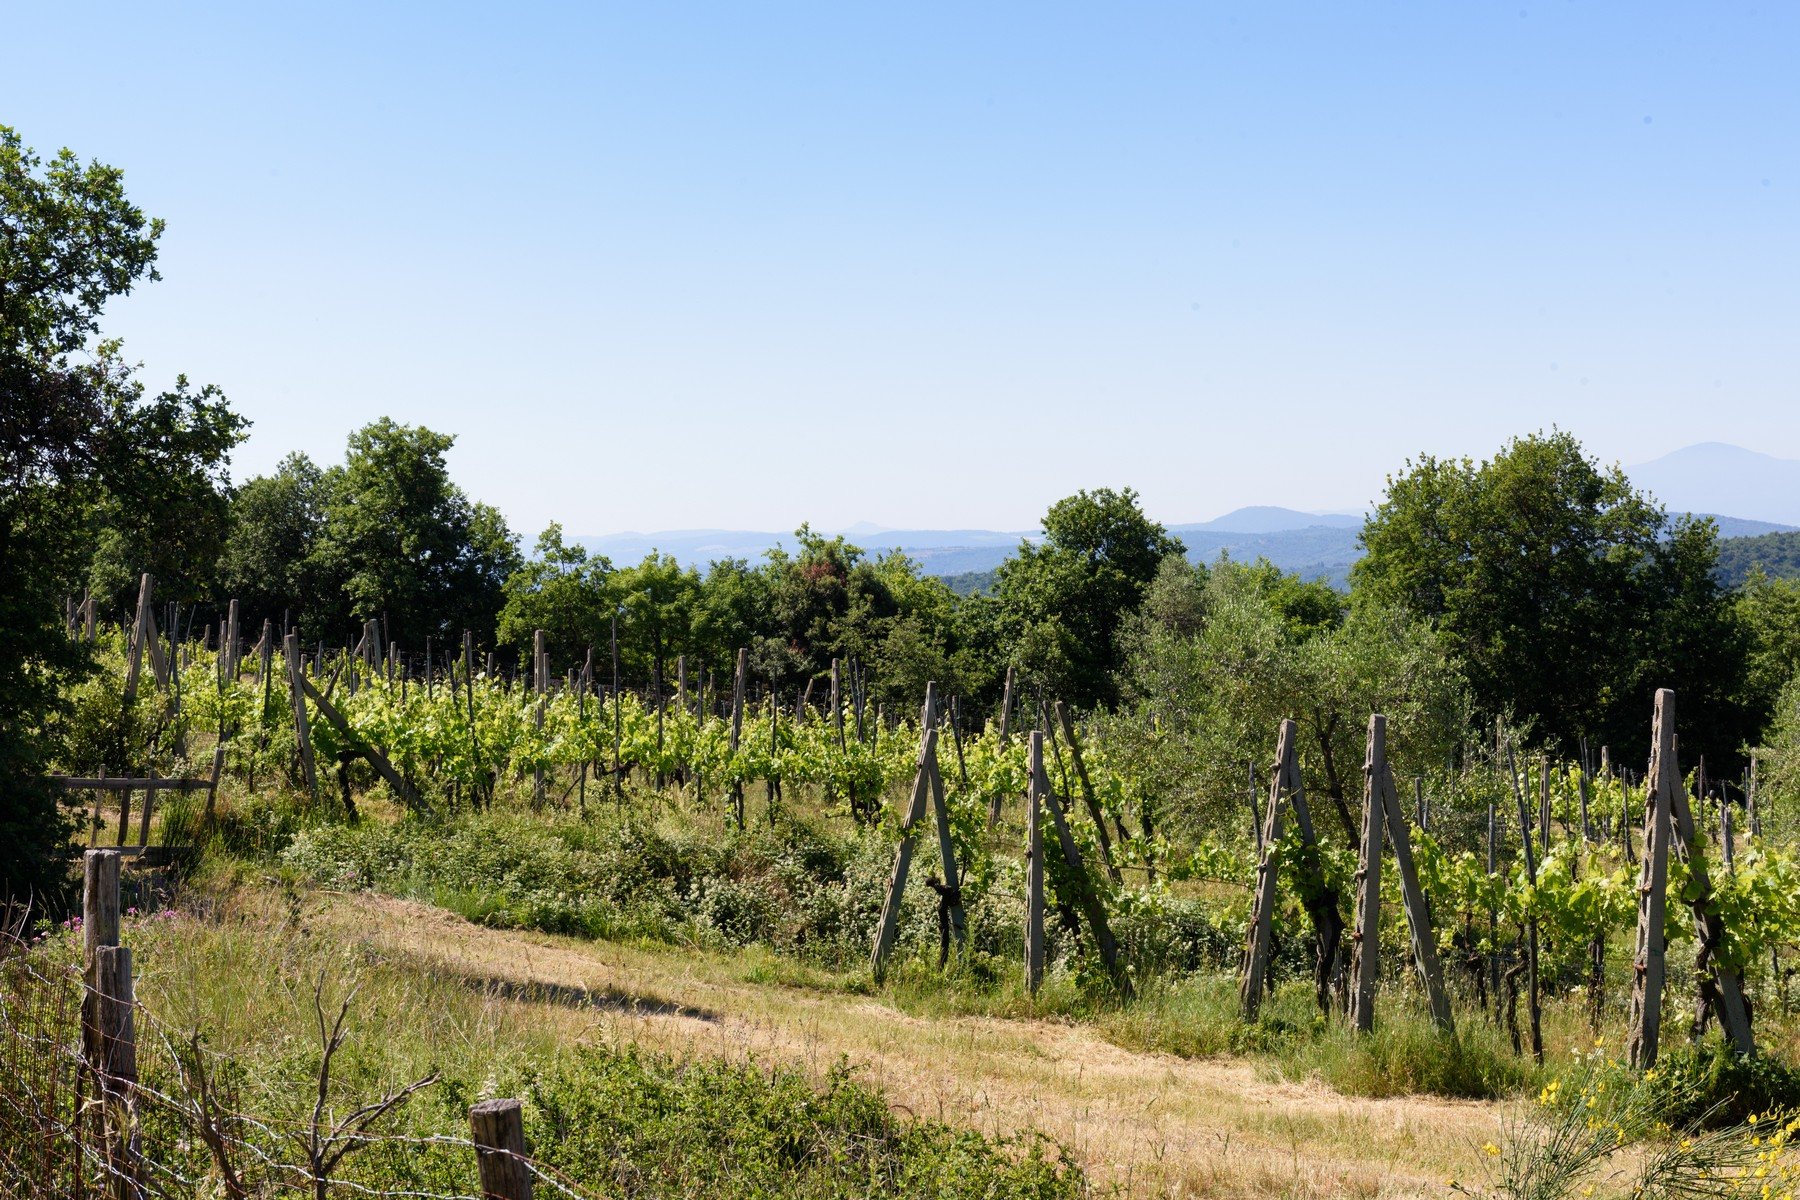 Rustico in Vendita a Monte San Savino: 5 locali, 370 mq - Foto 12